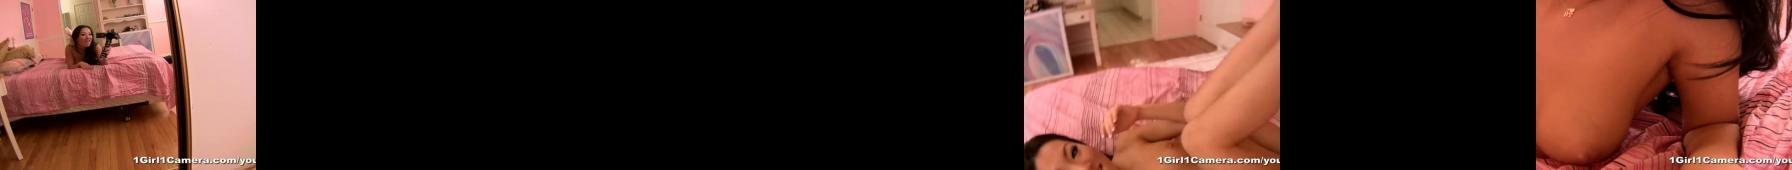 Asa Akira daje pokaz solo